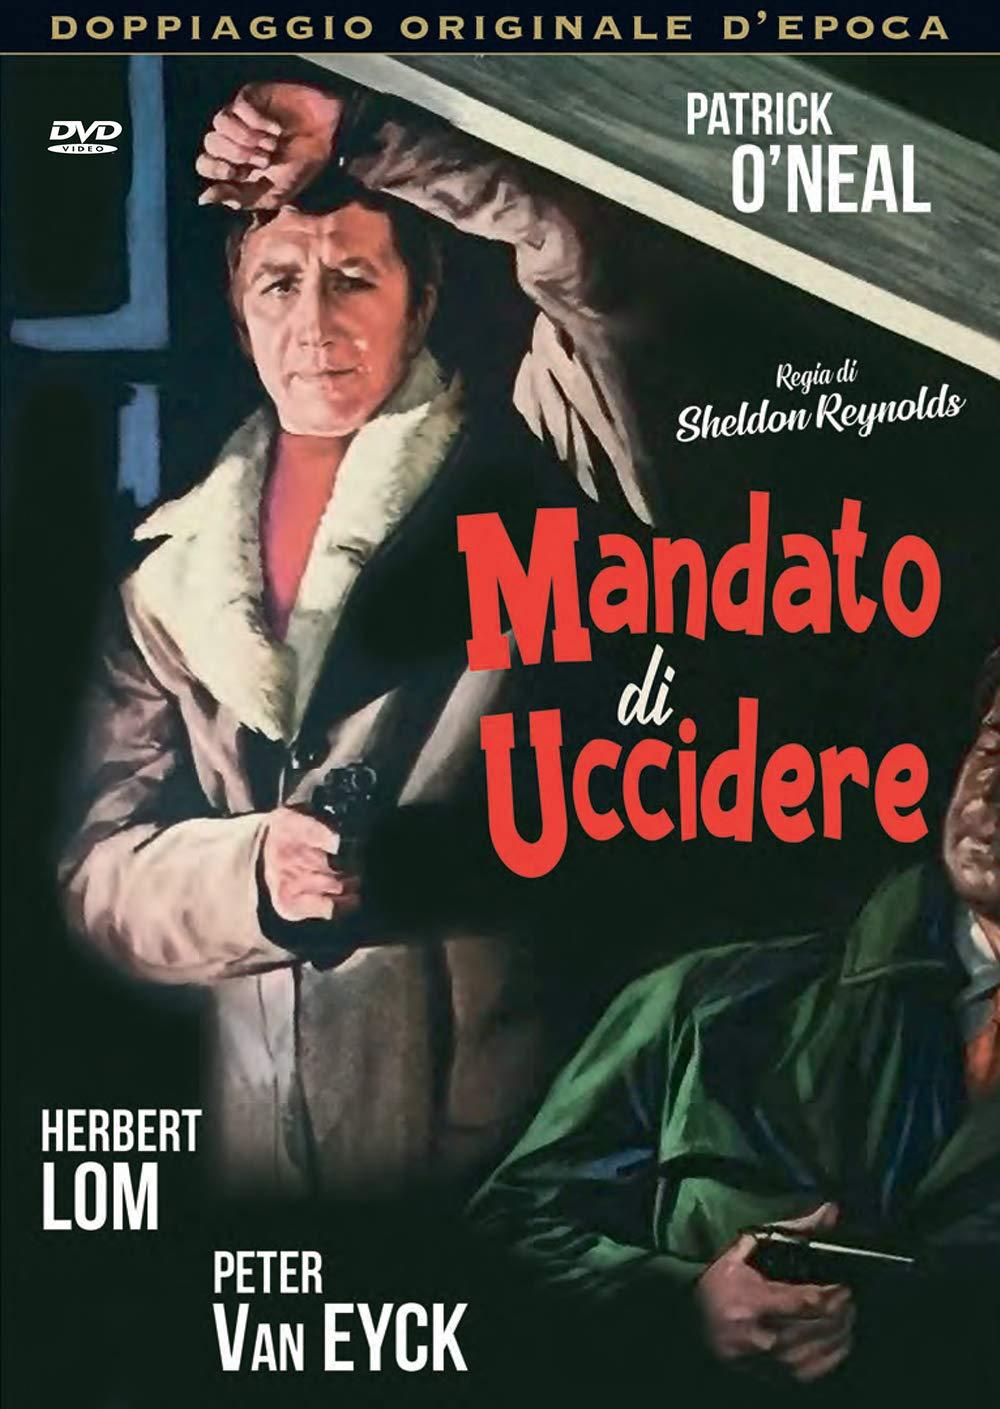 MANDATO DI UCCIDERE (DVD)